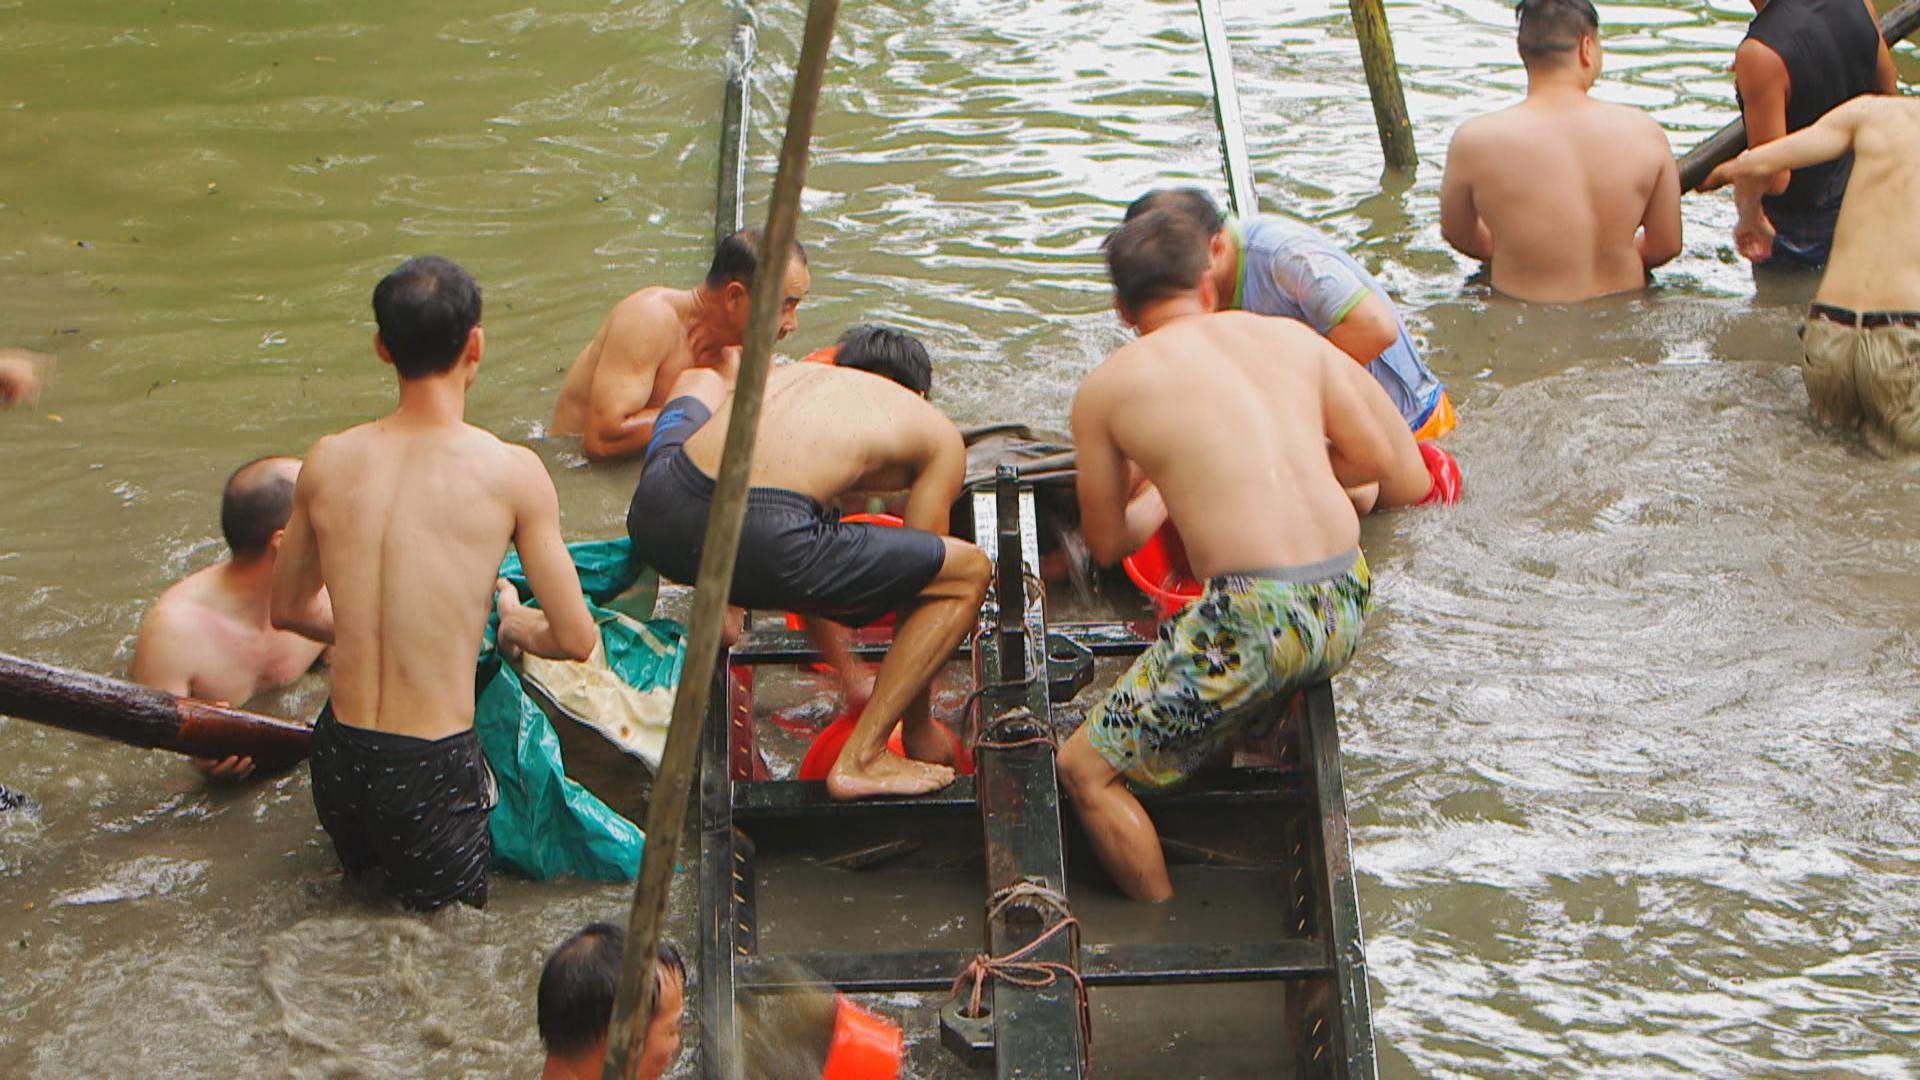 鼎爺話以前龍舟多用坤木(坤甸木)做,但唔可以長期曝曬,會放在河底埋在泥漿底保養,端午節前要動用多人起出來。